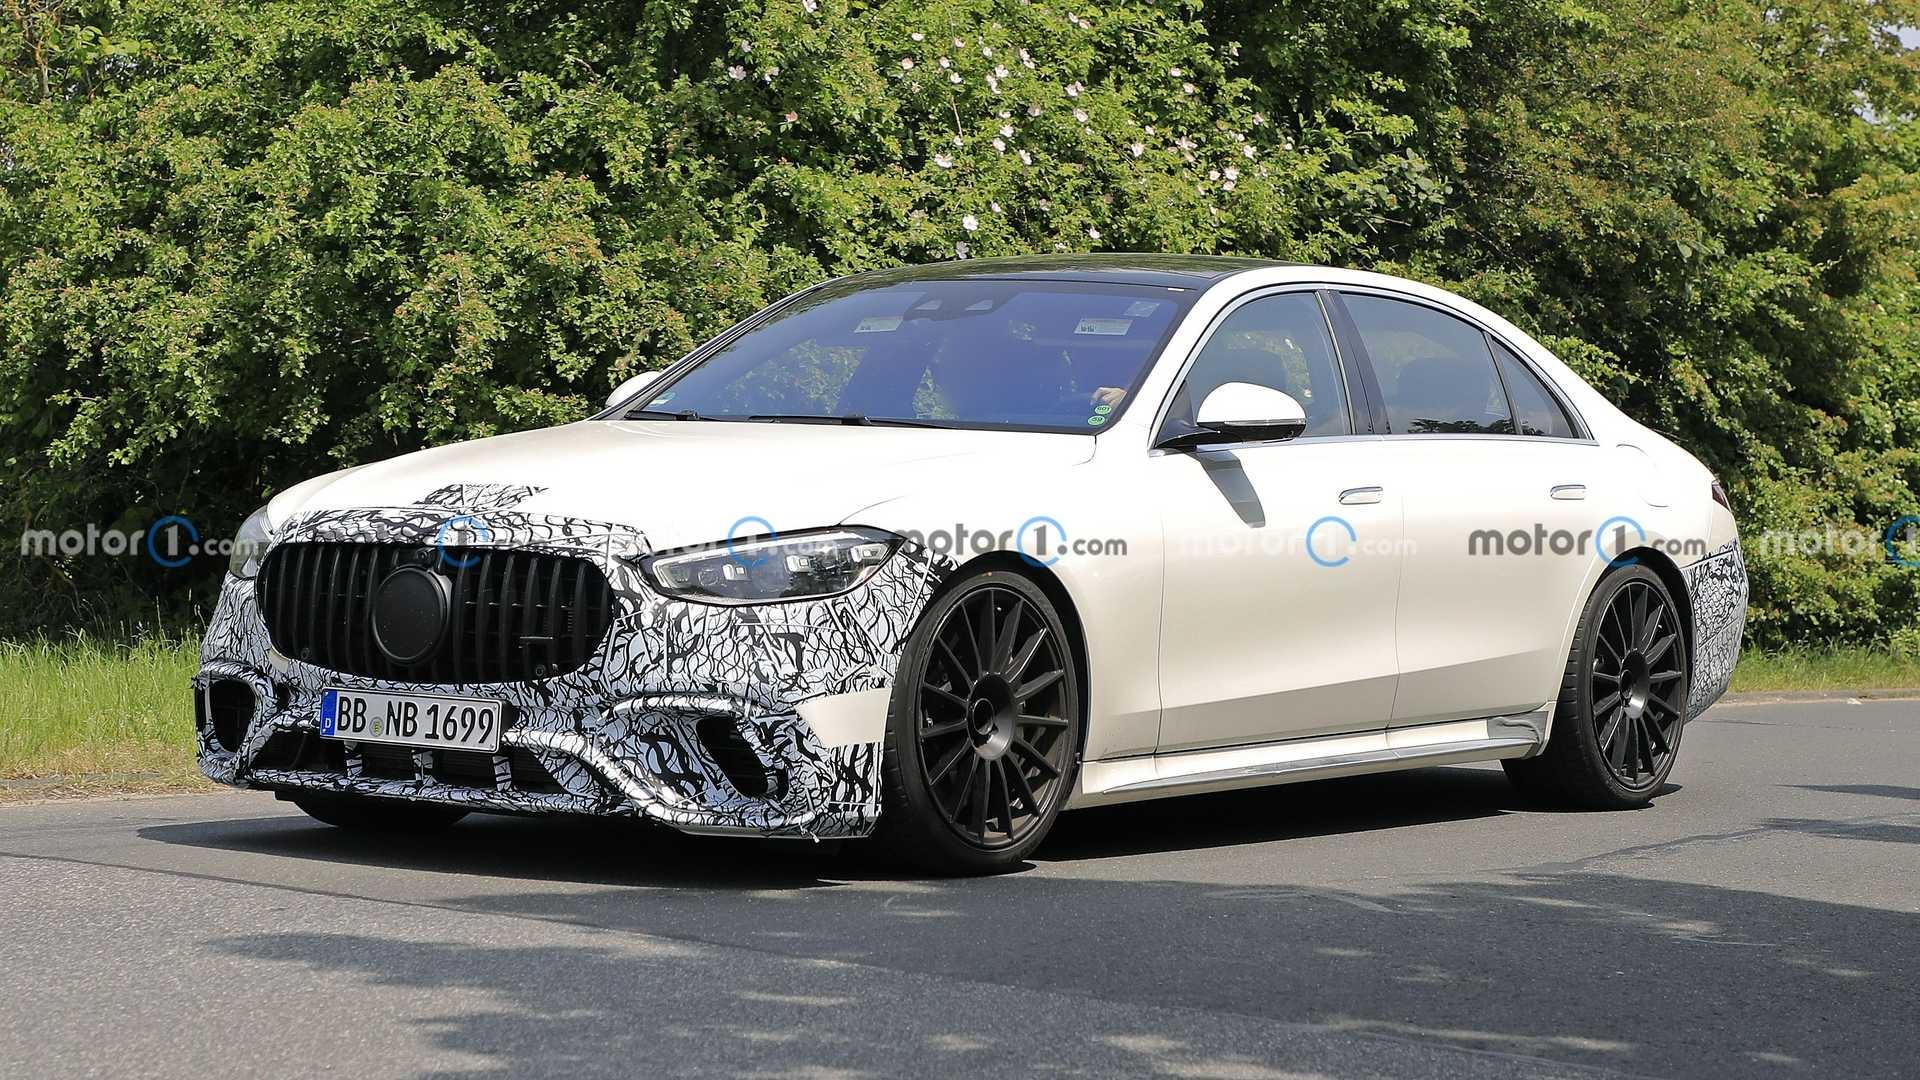 Nuova Mercedes-AMG S 63 e ultimo prototipo foto spia